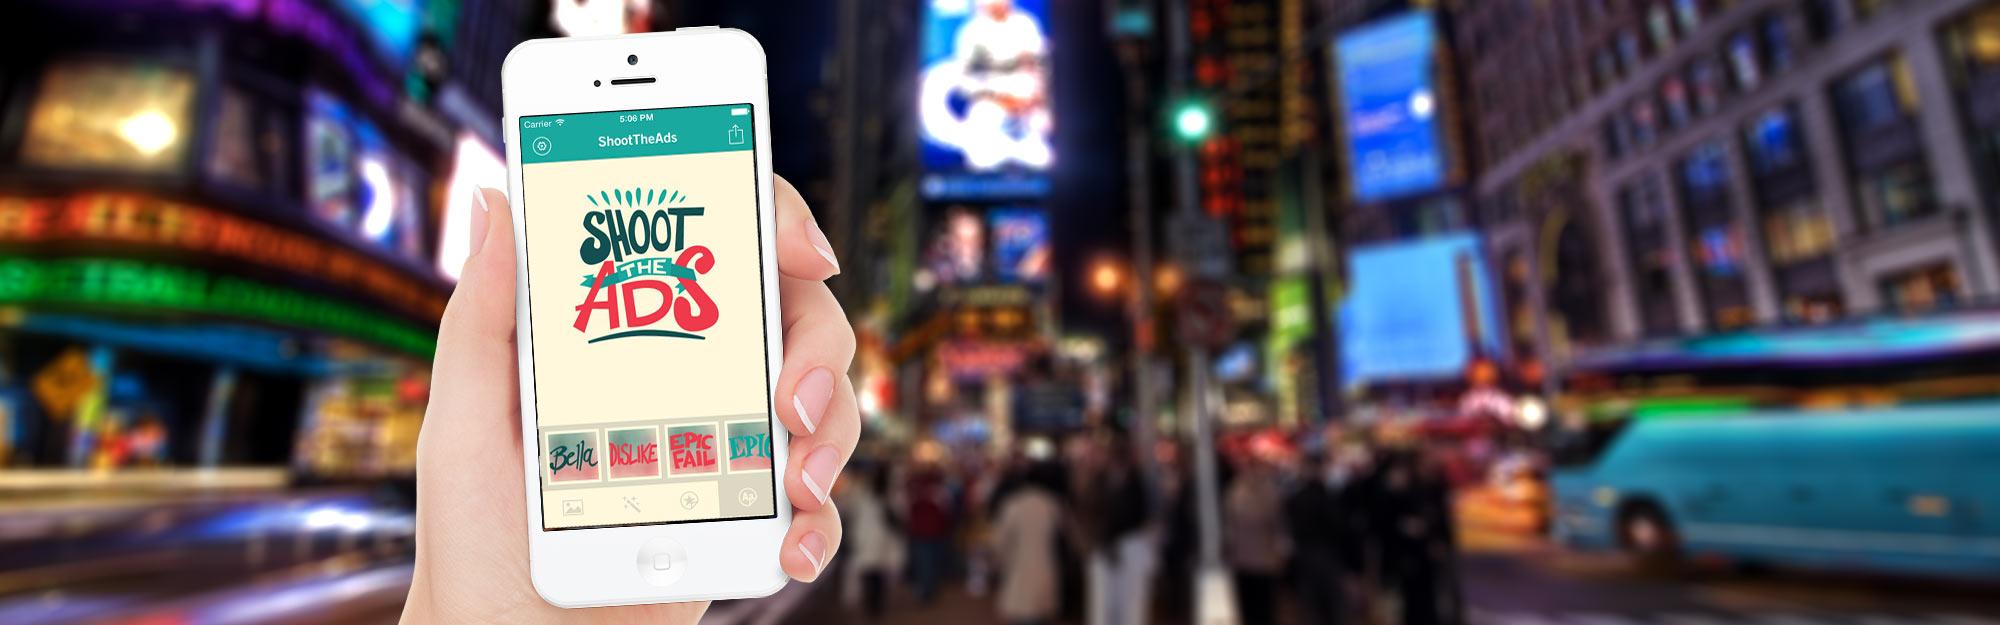 Shoot the ads: l'app per condividere e personalizzare le pubblicità preferite